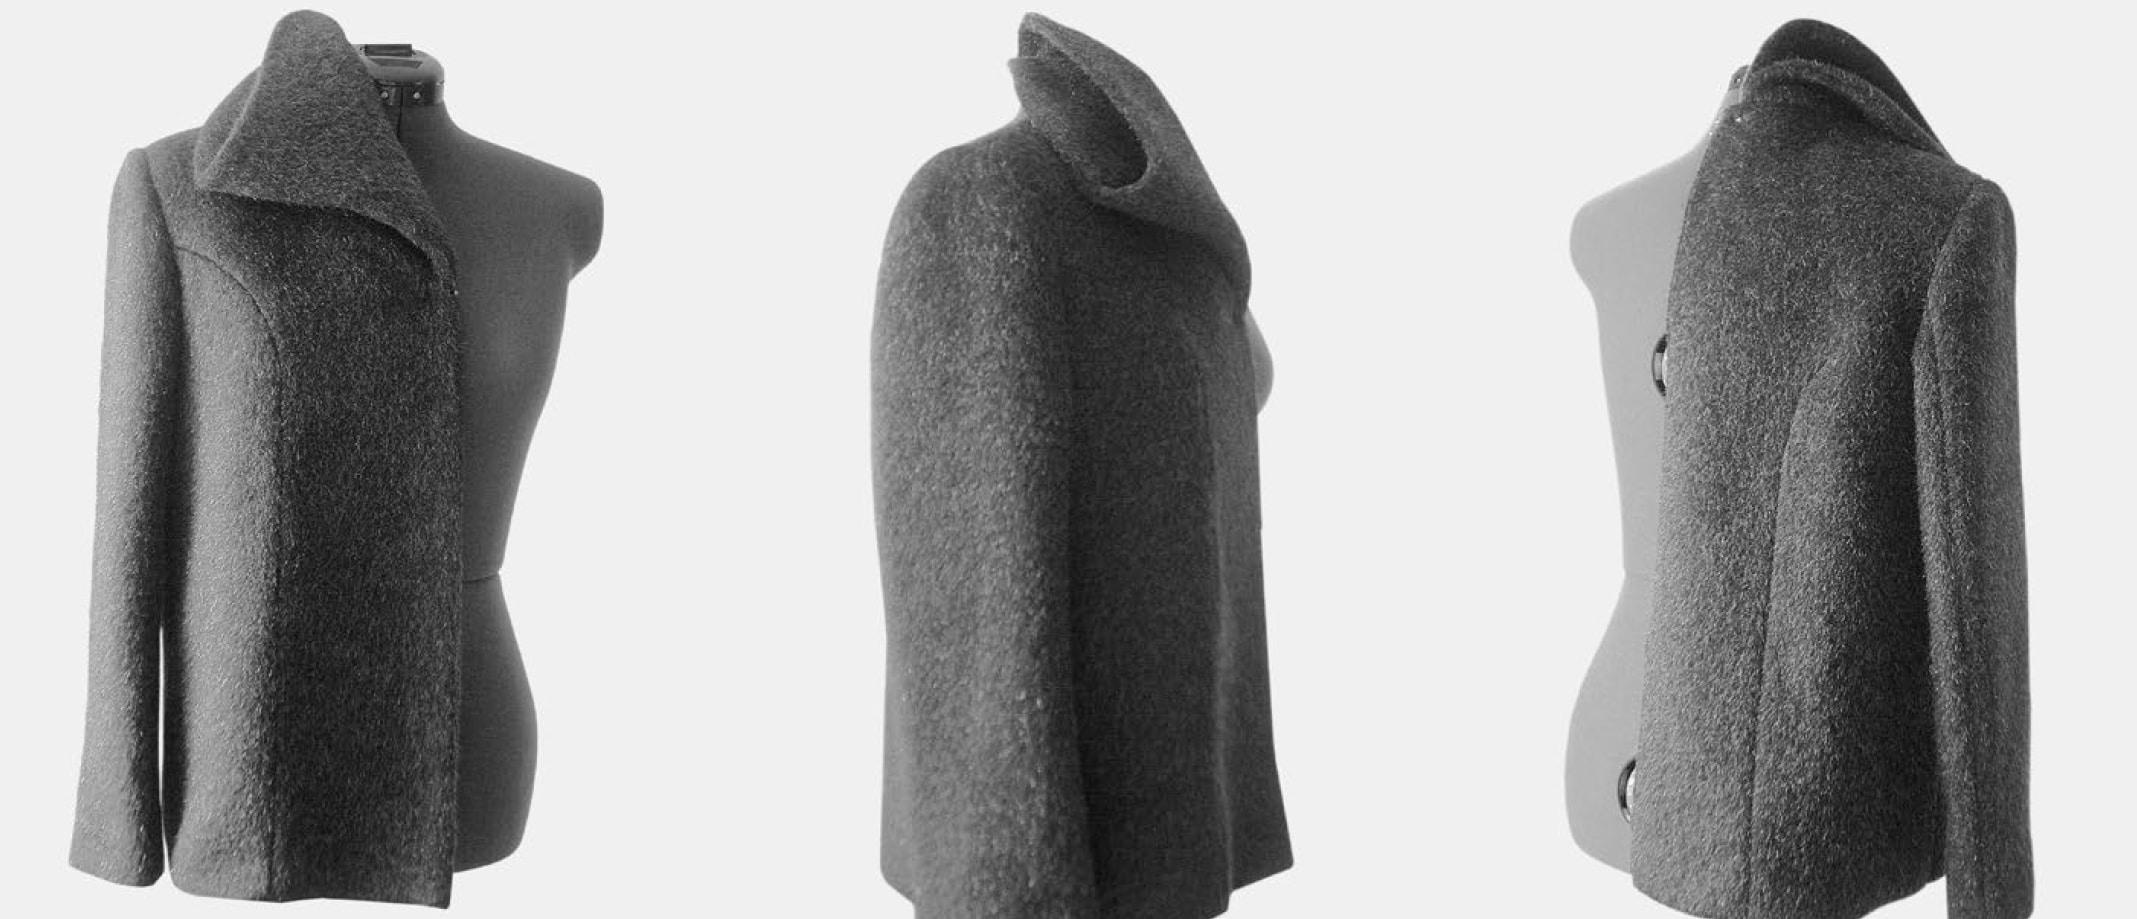 Das Foto zeigt den Mantel mit dem doppelten Stehkragen von allen Ansichten.